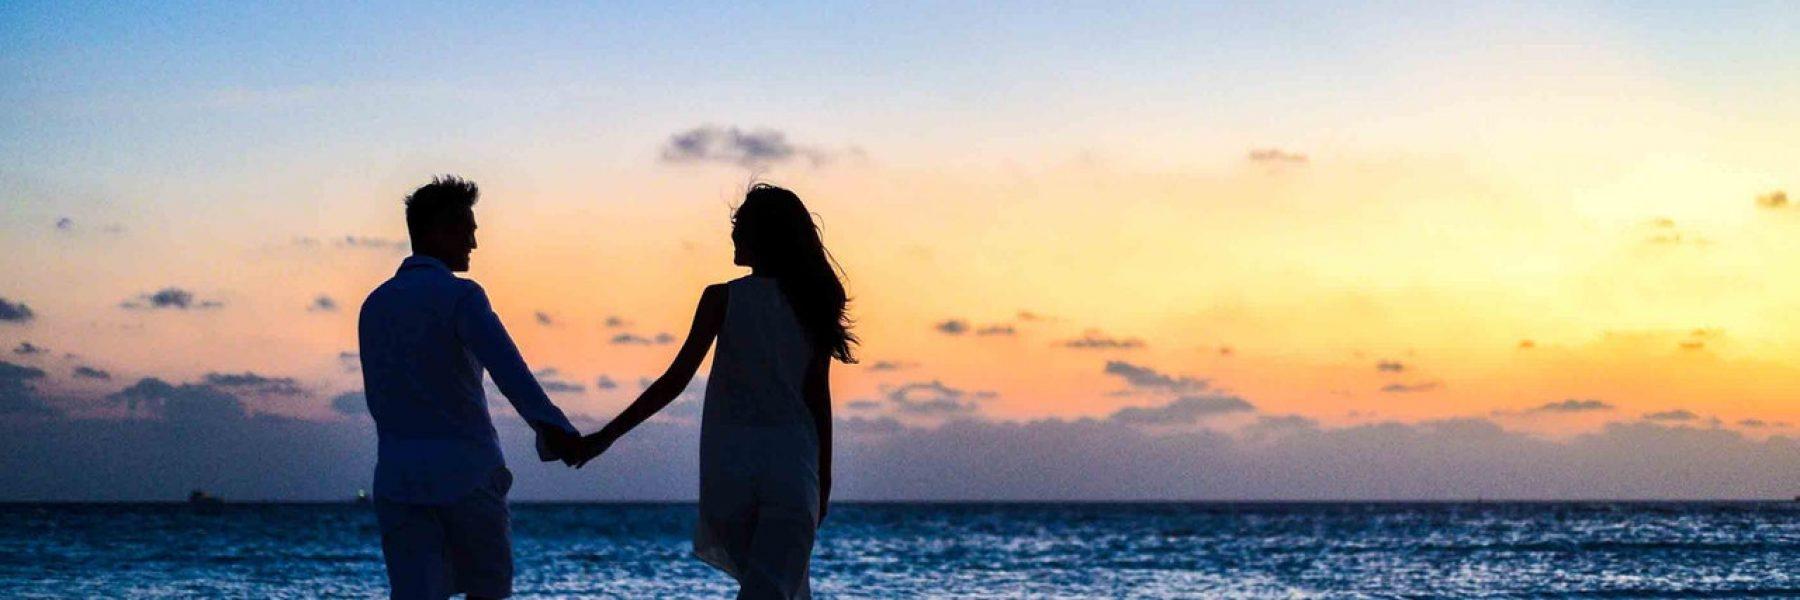 pexels-asad-photo-maldives-1024960